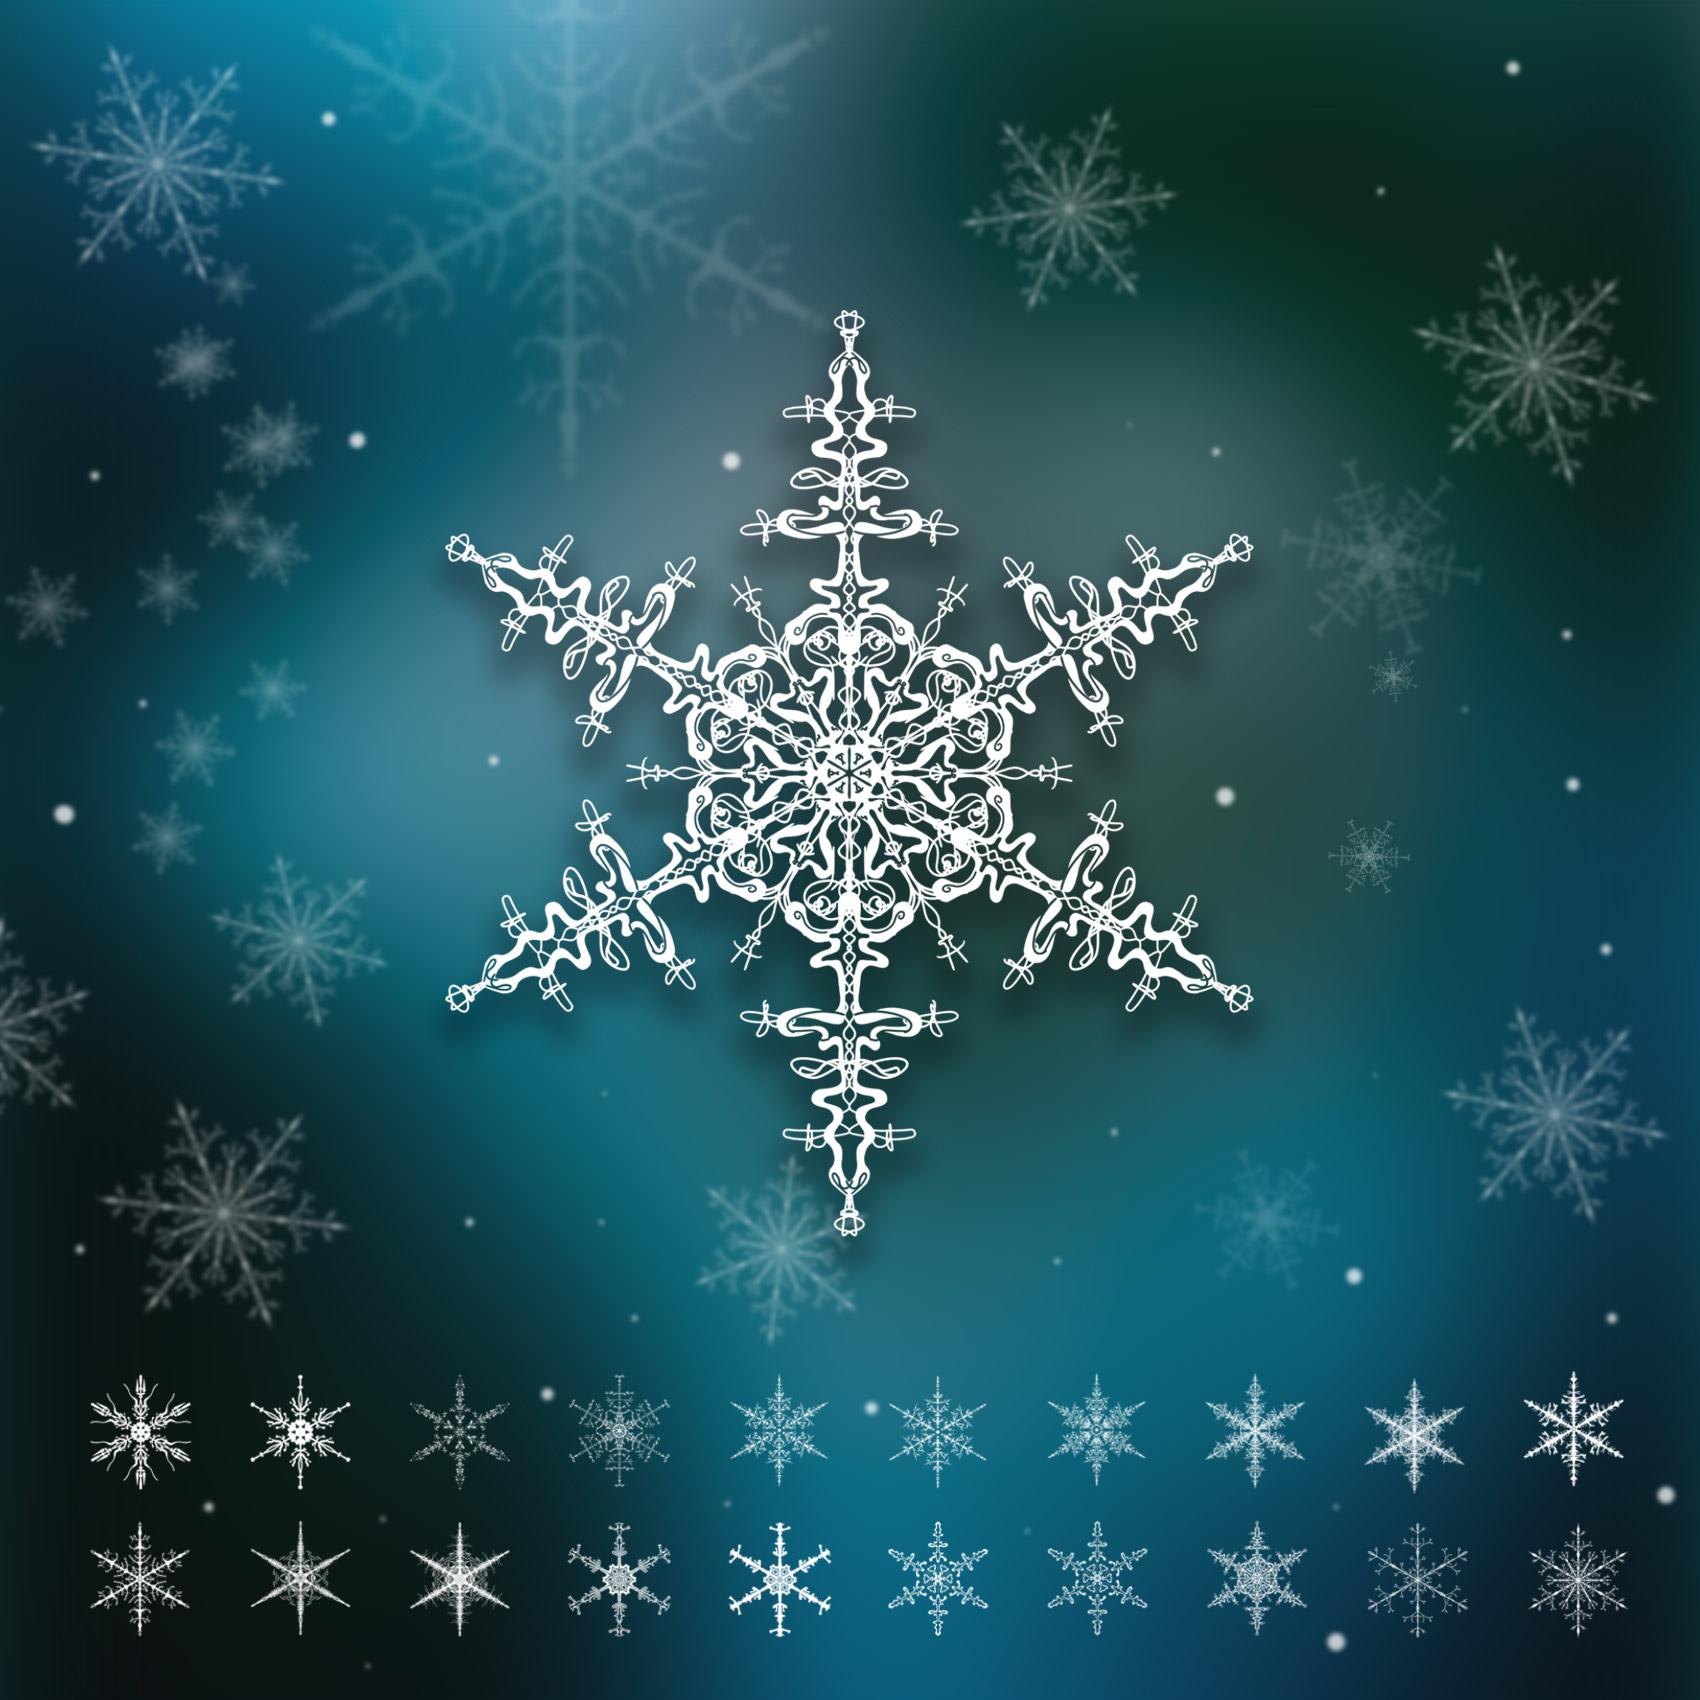 漂亮精美的手绘雪花、雪片花纹图案Photoshop笔刷下载